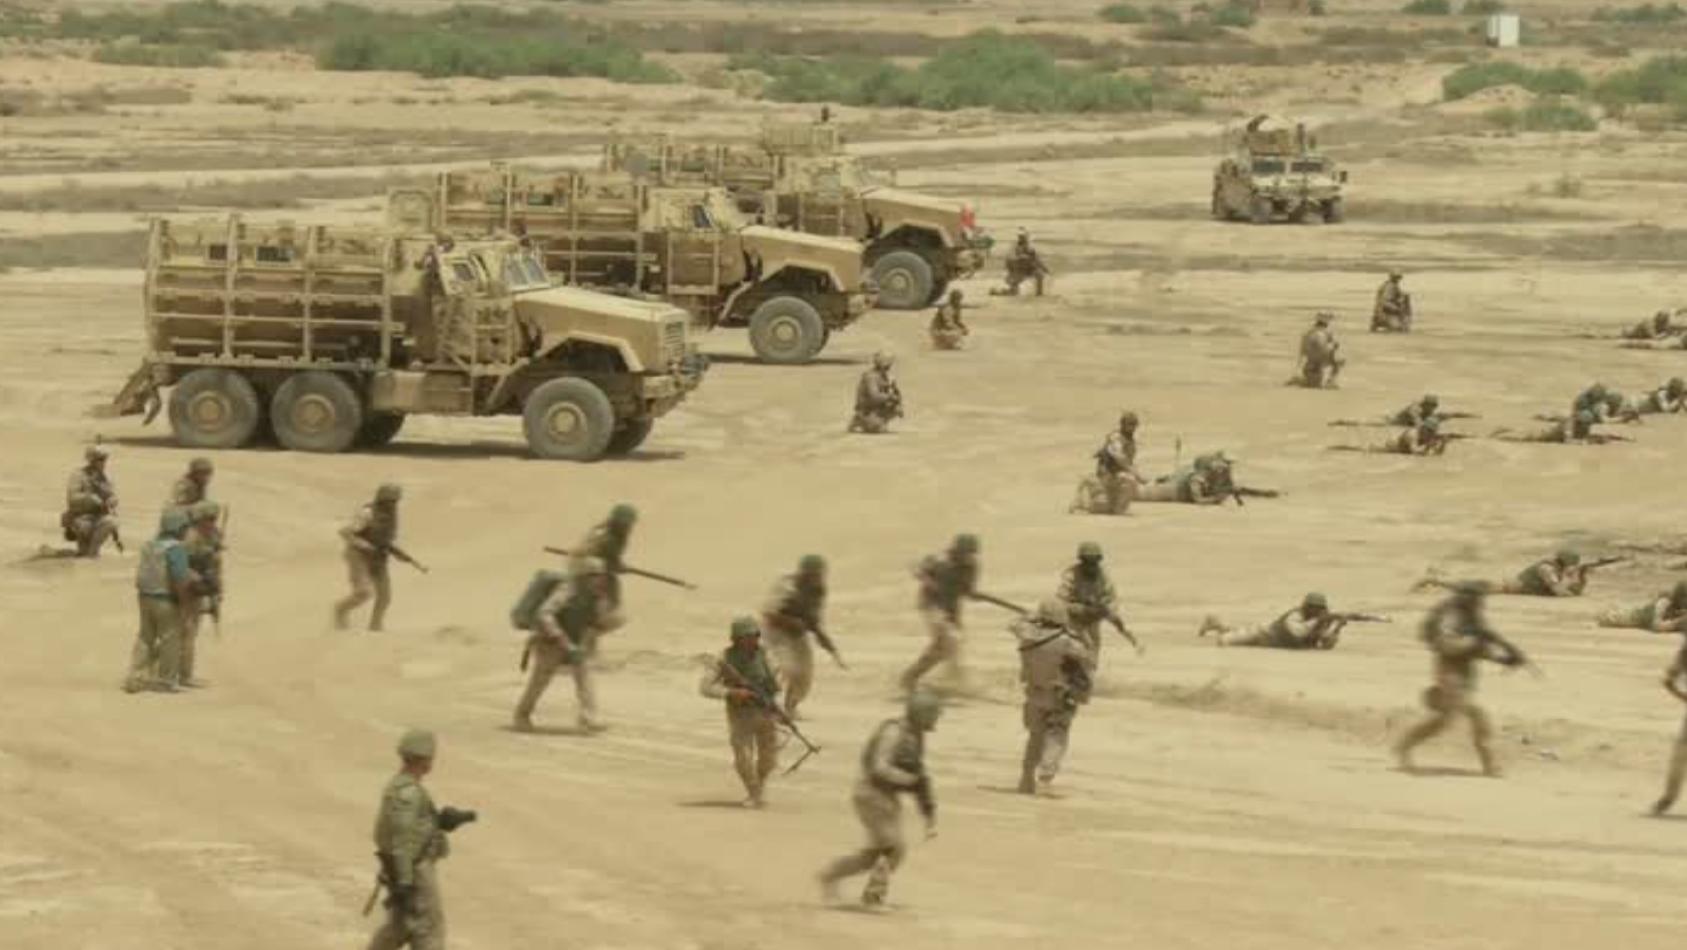 Des militaires américains entraînent des soldats irakiens